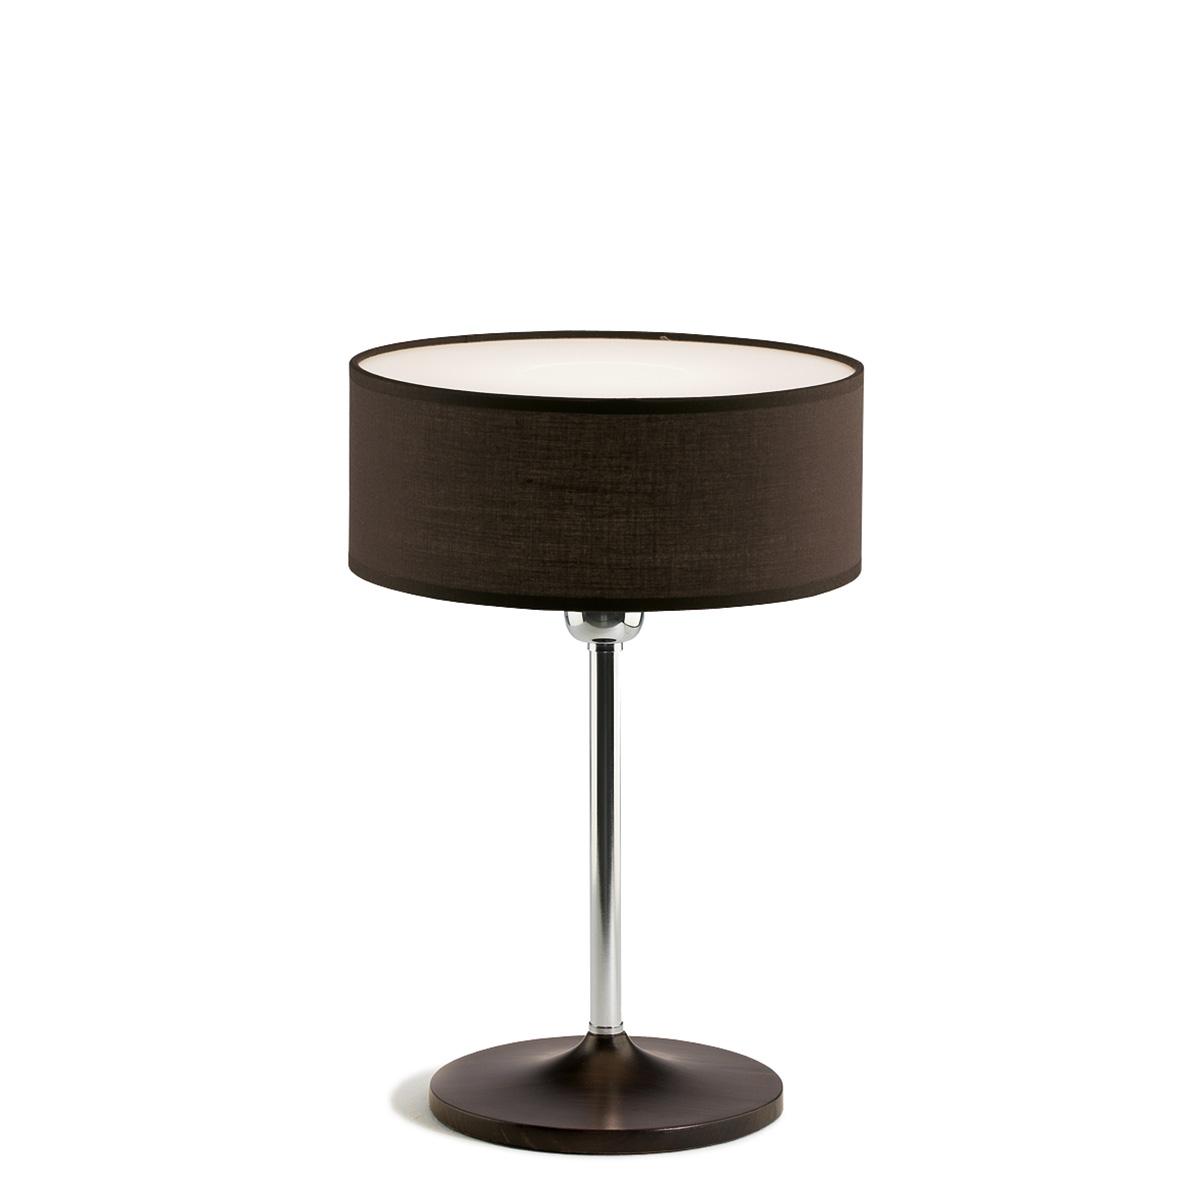 Επιτραπέζιο φωτιστικό με ανθρακί καπέλο DISCO ZEN table lamp with dark grey shade